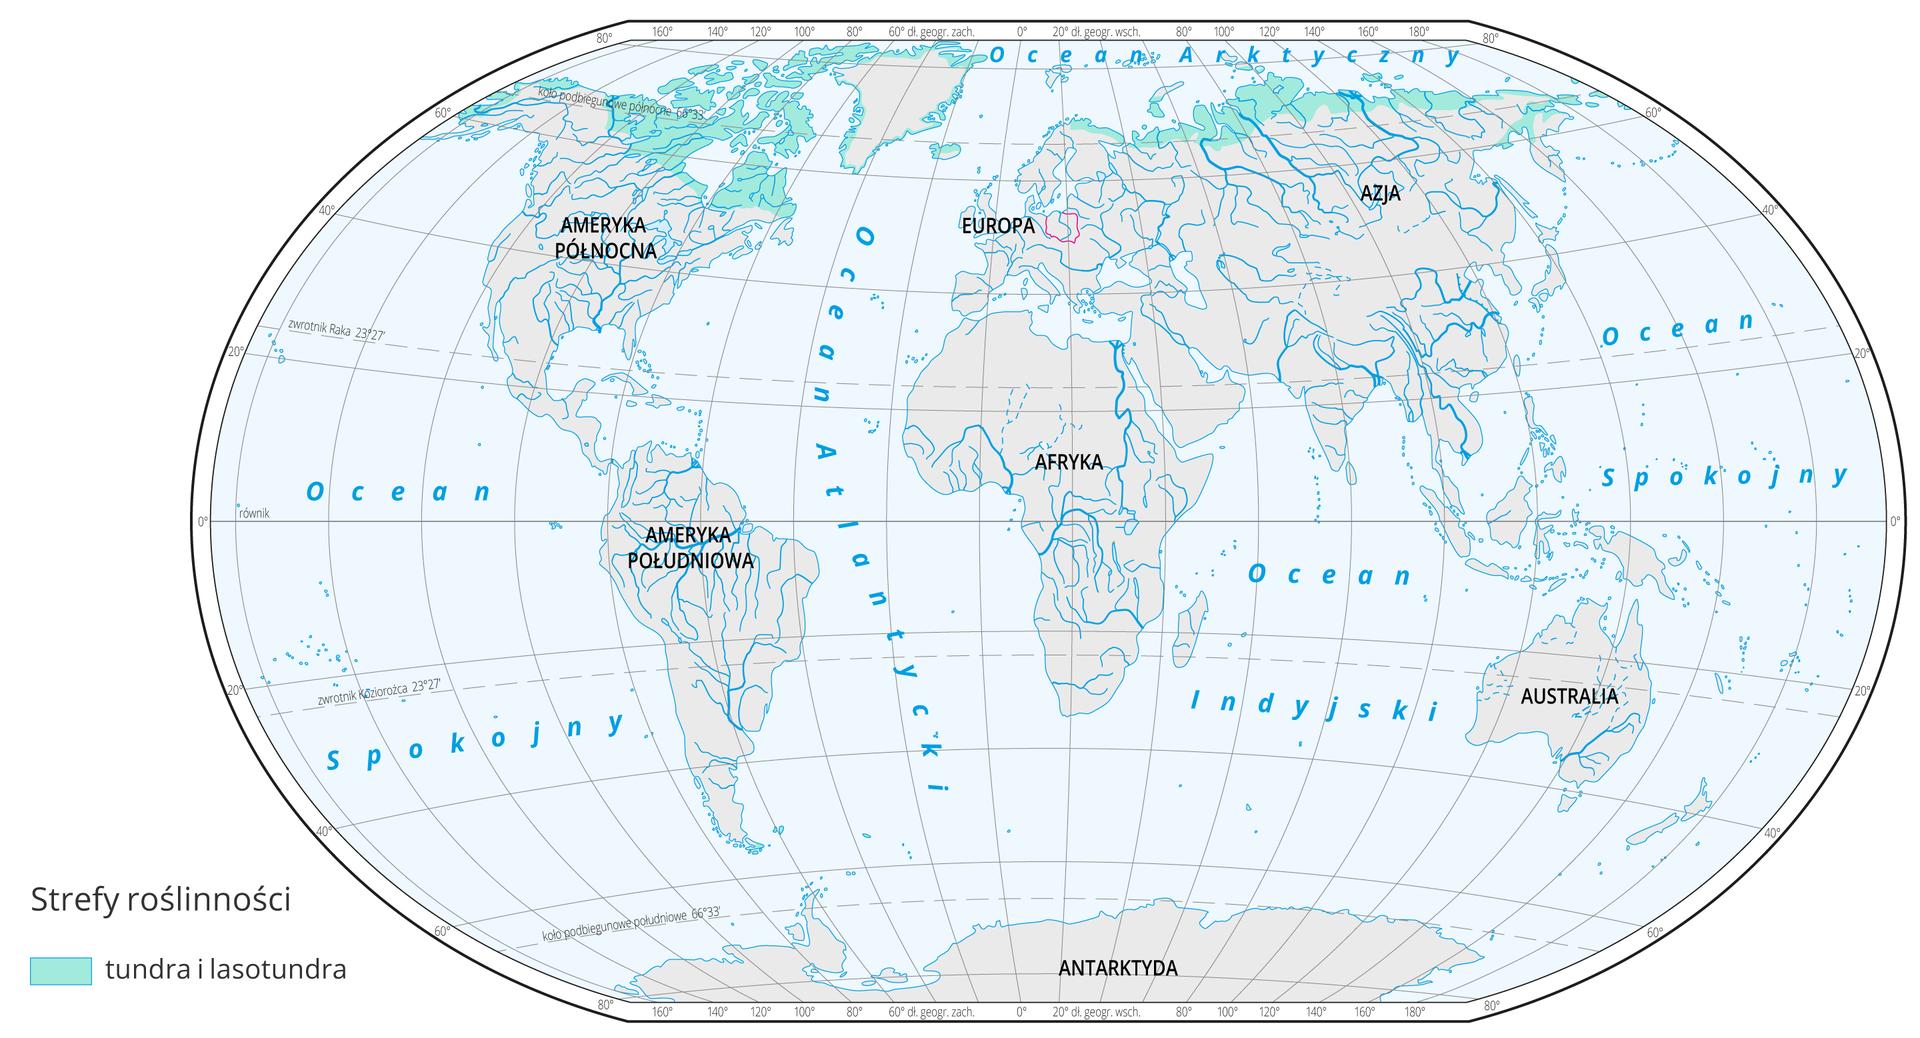 Mapa świata prezentuje występowanie tundry na Ziemi. Tundra oznaczona kolorem jasnoniebieskim występują wokolicach koła podbiegunowego iobejmuje północną cześć Alaski, Kanady, Skandynawii, Rosji, Islandii oraz na południu Ameryki Południowej